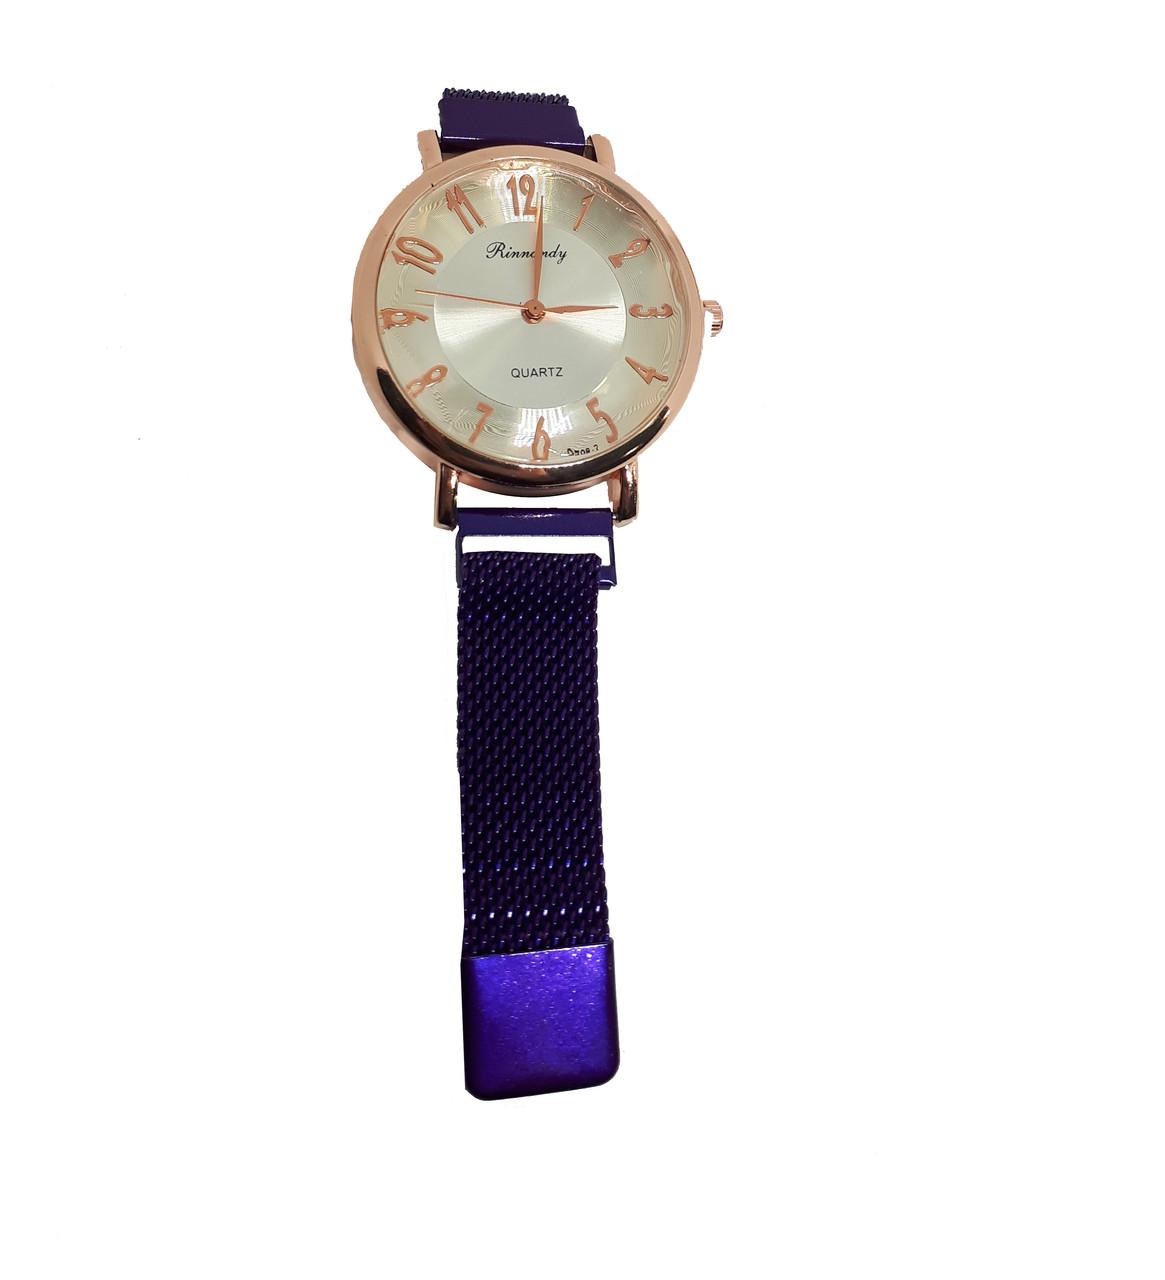 Часы кварцевые  Rinnady Arabi с камнями на  магнитном браслете . Фиолетовый